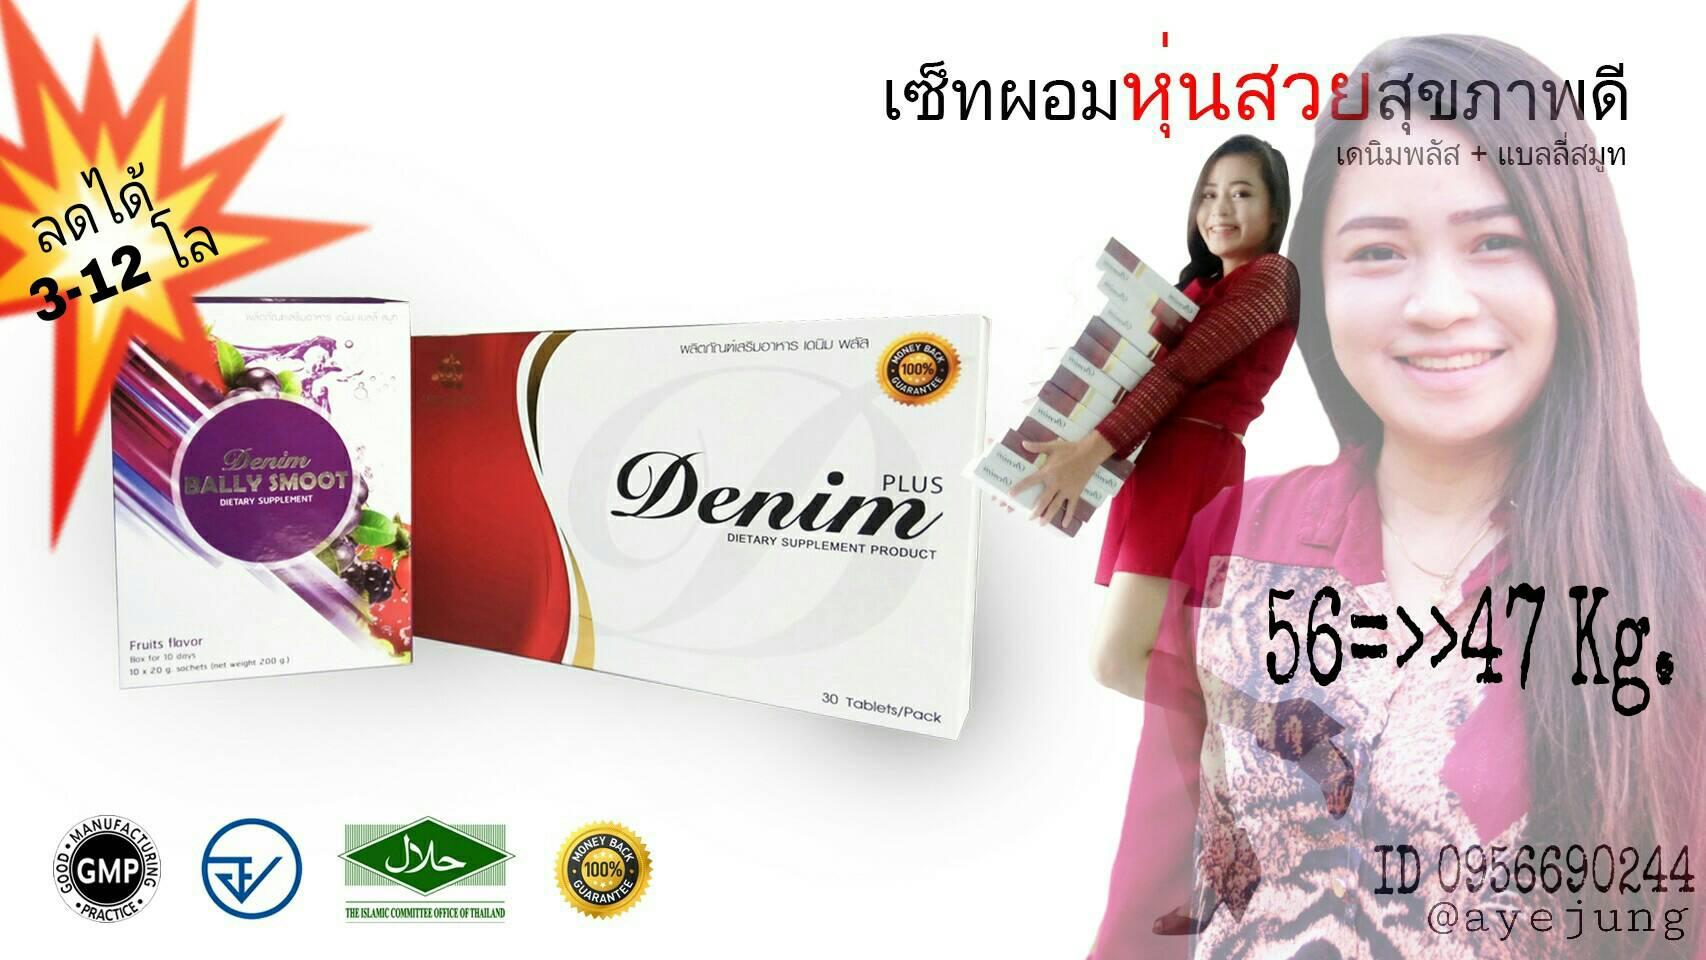 อาหารเสริมที่ดีที่สุด,เดนิมพลัส ,denim plus ราคา,denimplus,